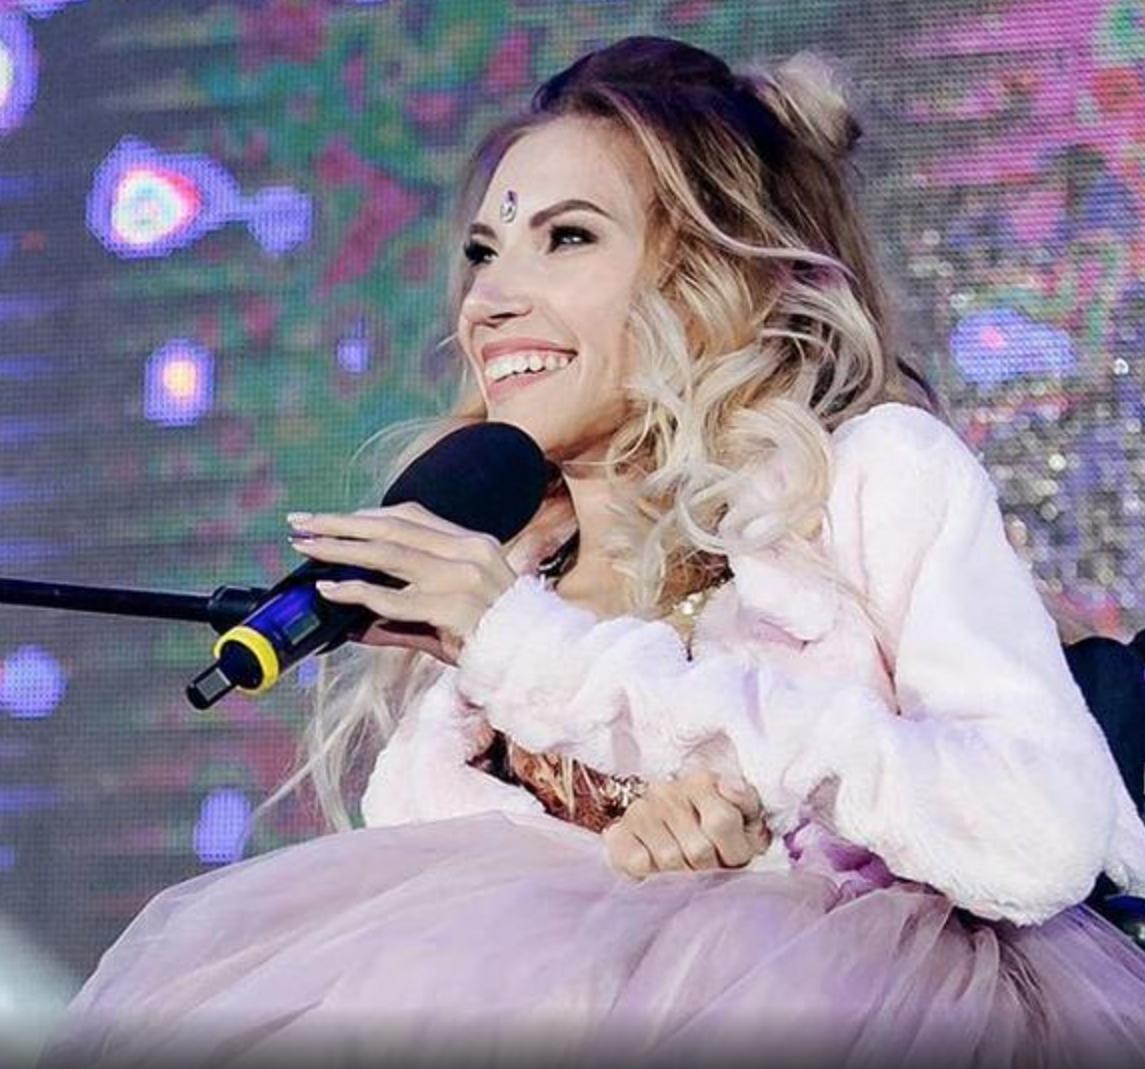 Юлия Самойлова оправдалась за неудачное исполнение песни для «Евровидения»